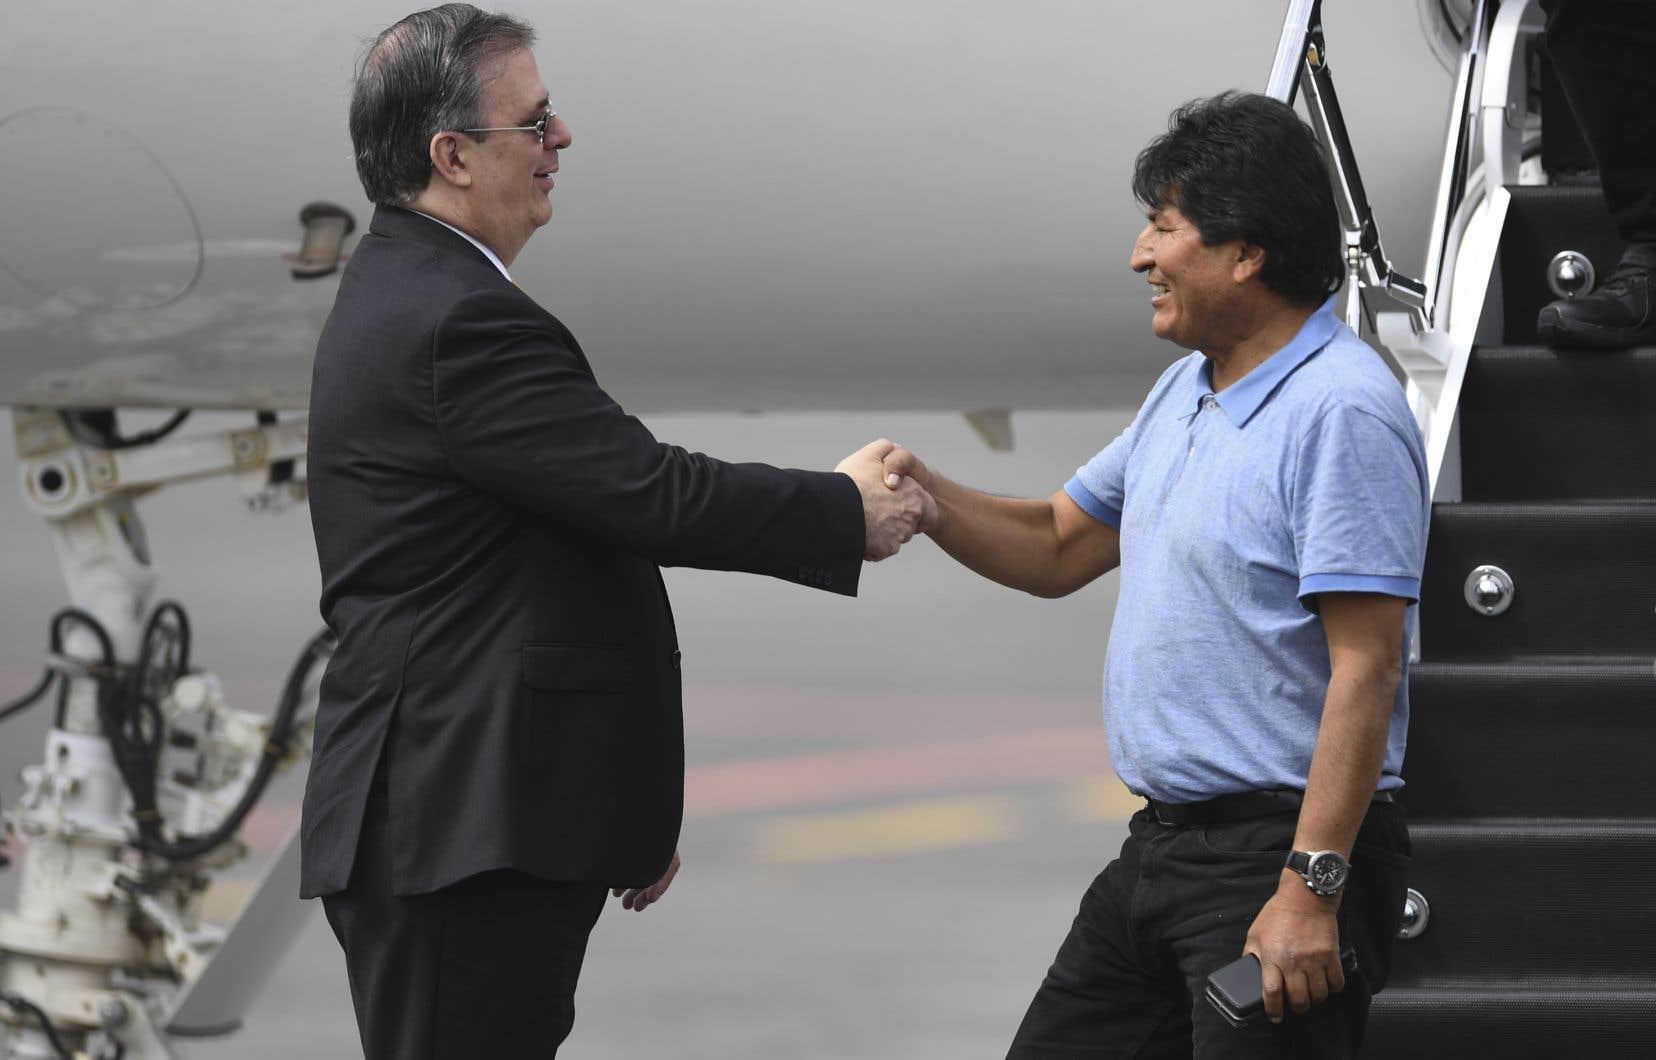 En polo bleu ciel et en jeans, très souriant, Evo Morales a serré la main du chef de la diplomatie mexicaine, Marcelo Ebrard, venu l'accueillir.